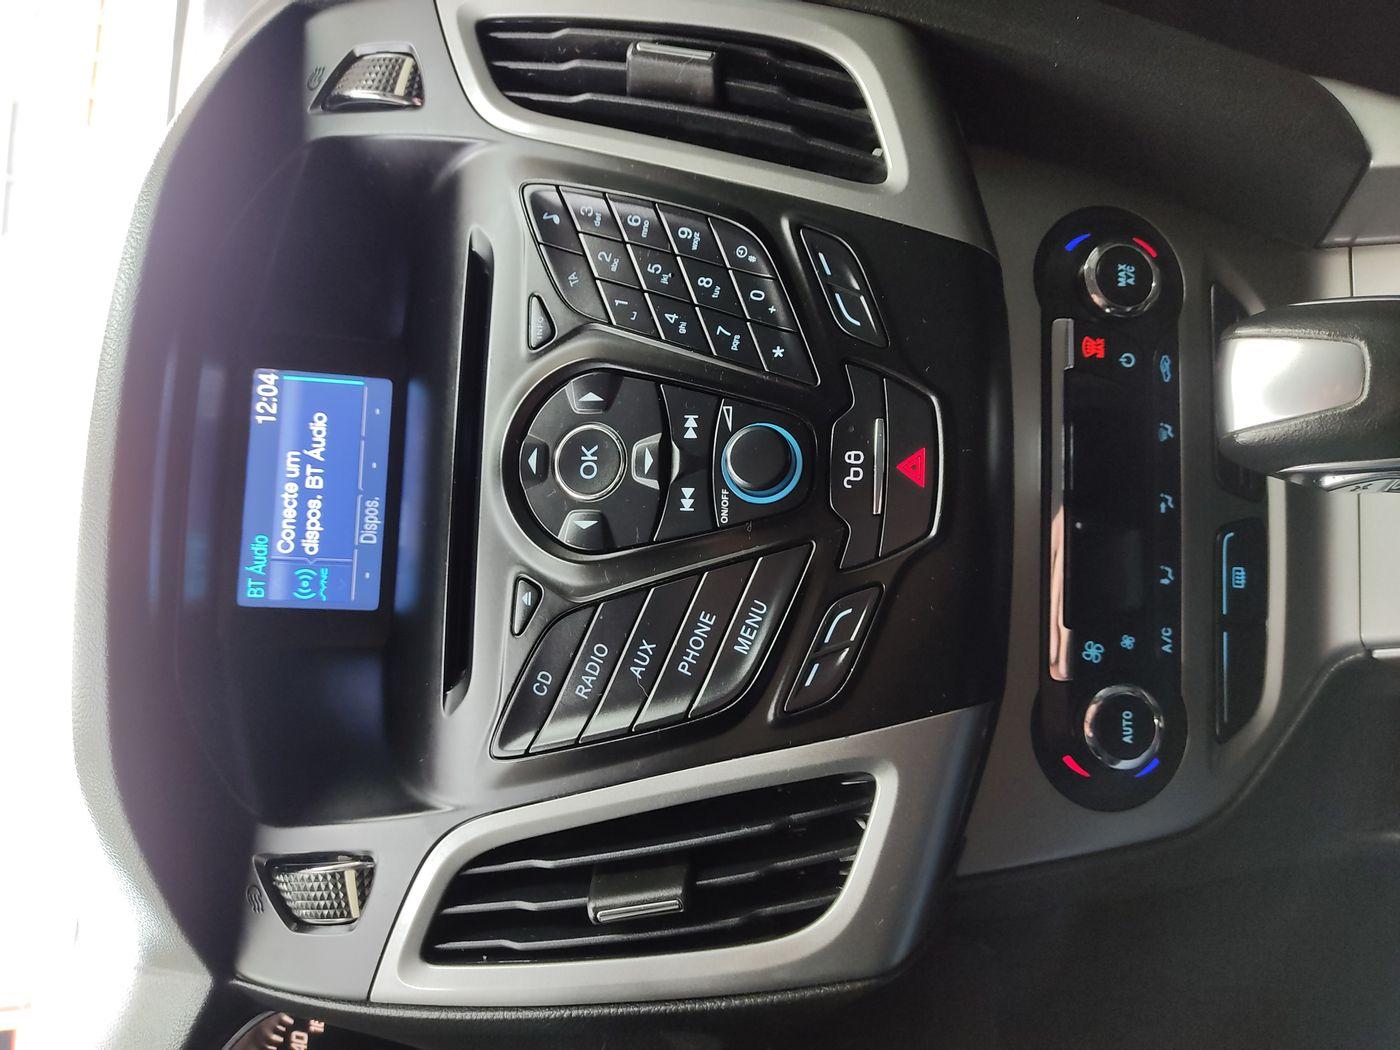 Ford Focus 2.0 16V/SE/SE Plus Flex 5p Aut.